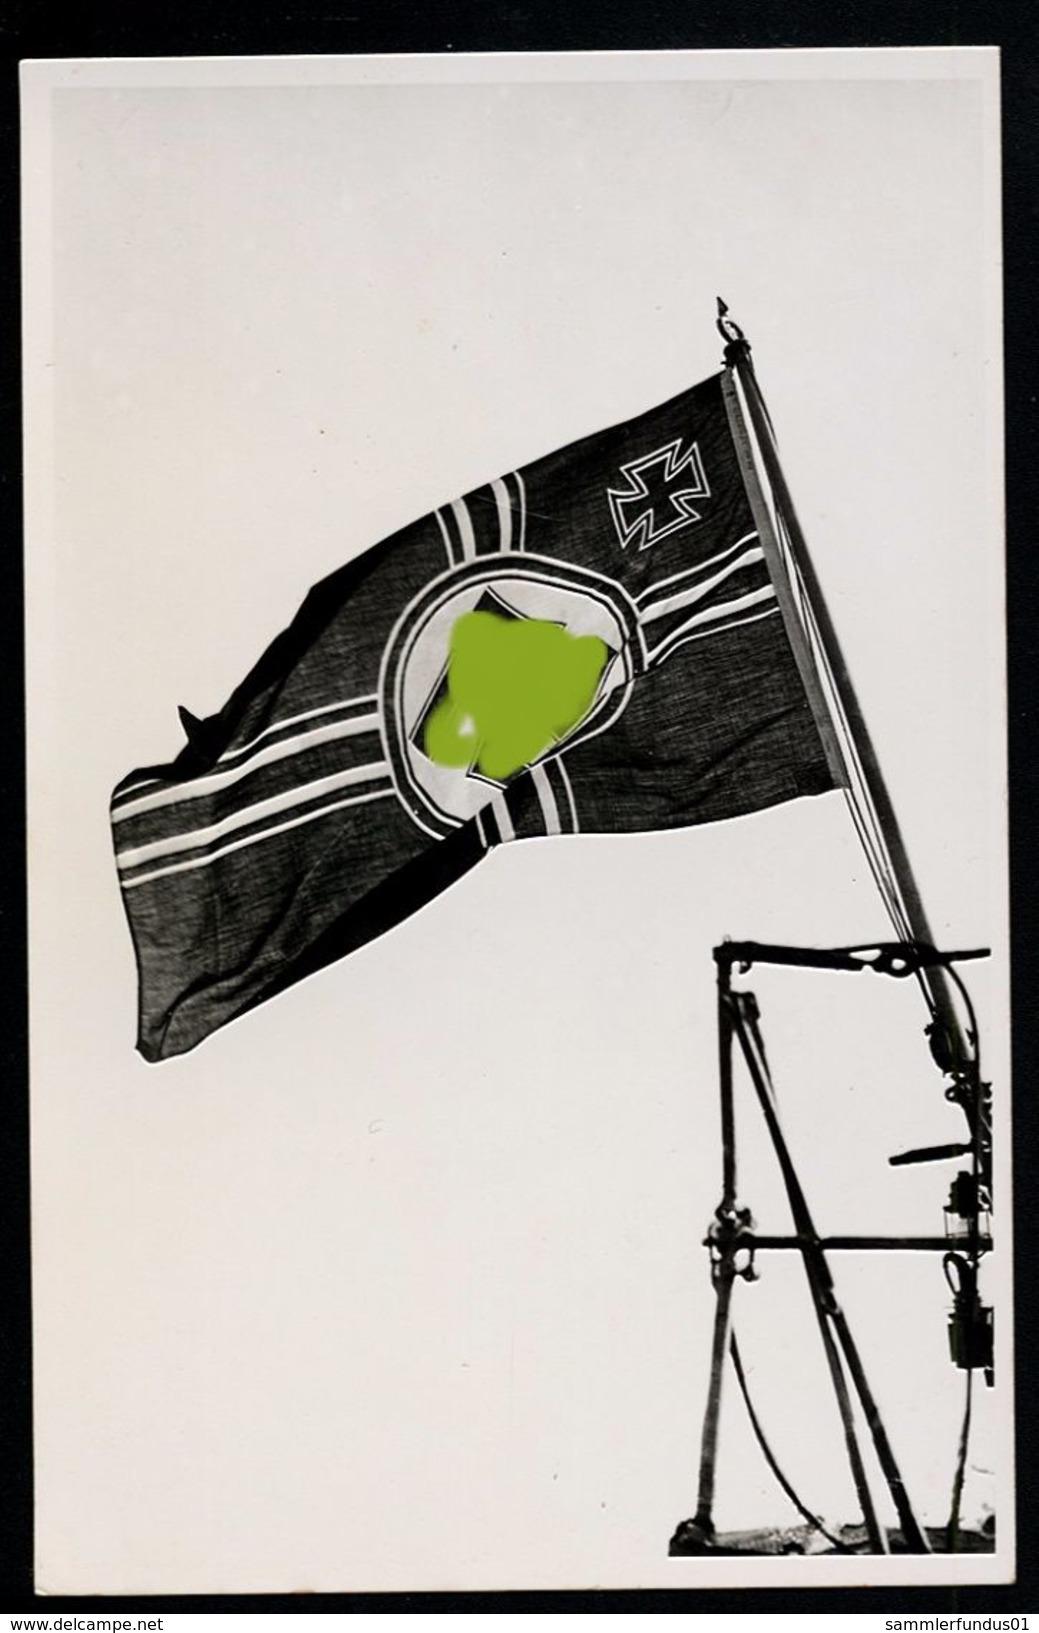 AK/CP  Wehrmacht Kriegsmarine  Reichskriegsflagge   2.WK WW  Ungel./uncirc.  1933-45    Erh./Cond.  2    Nr. 00106 - Guerre 1939-45